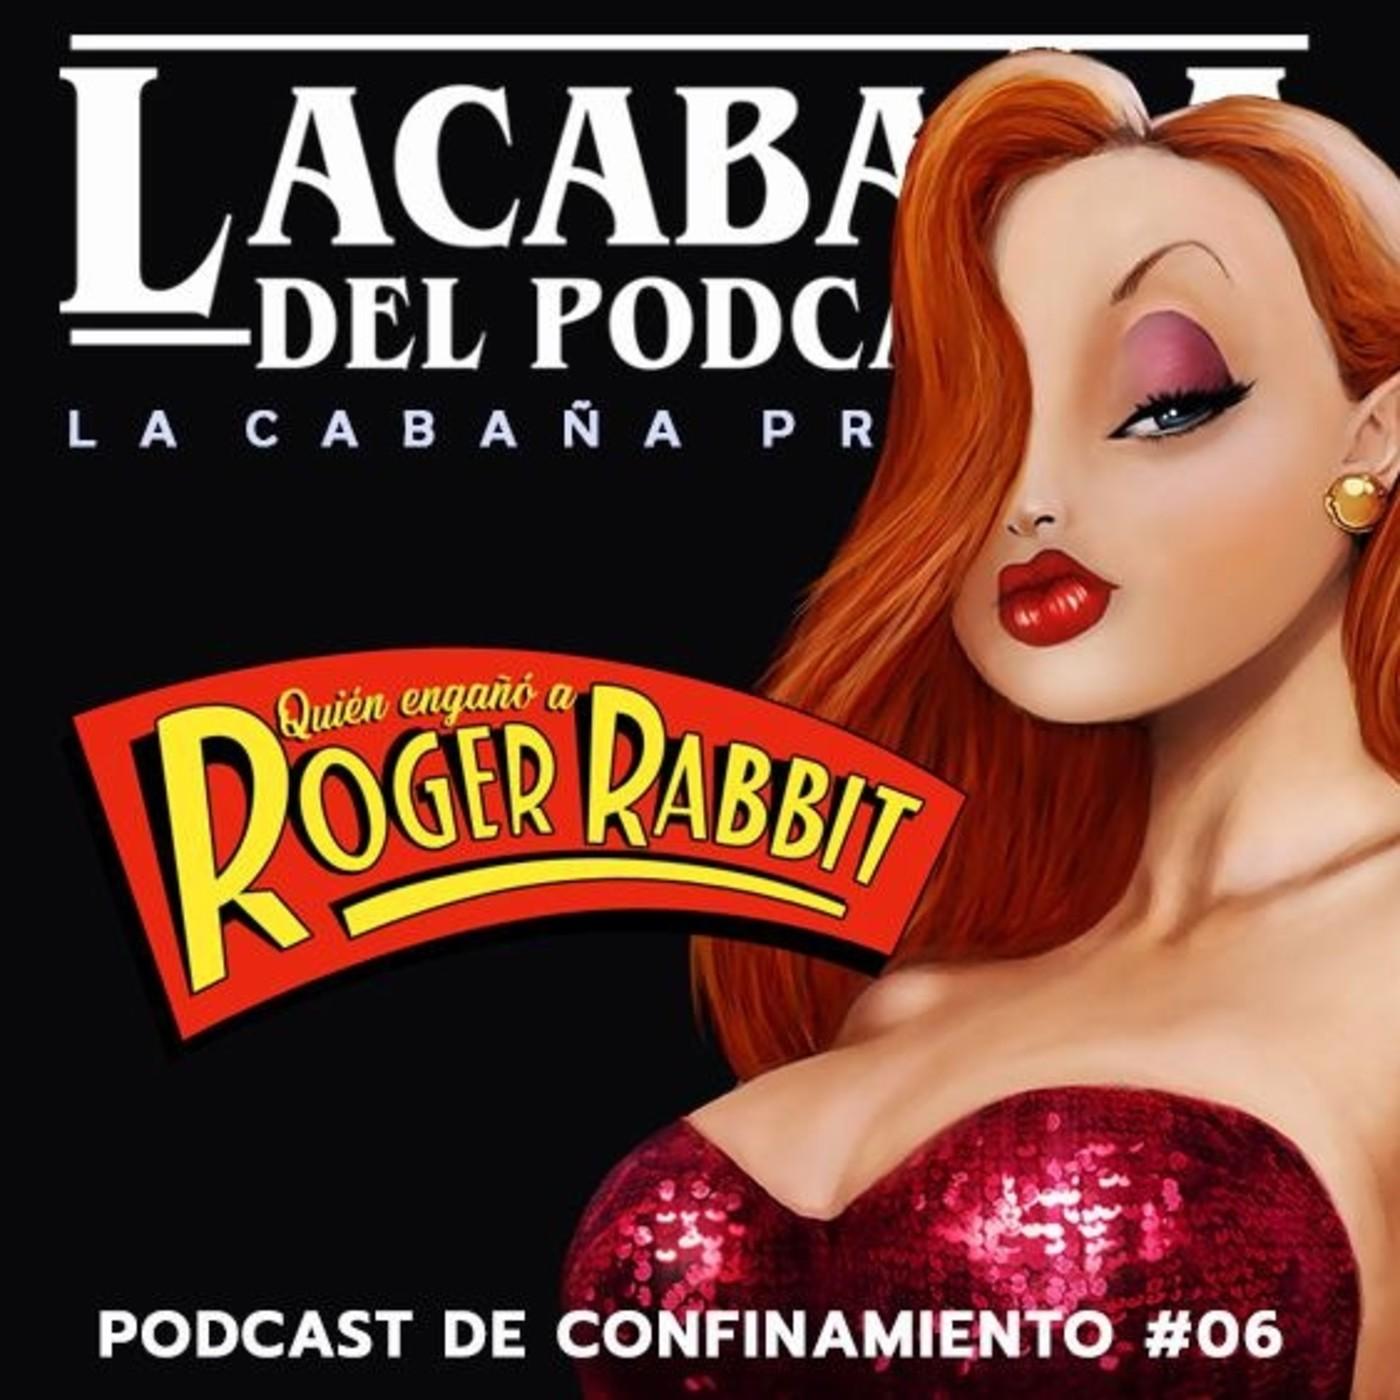 La Cabaña presenta: Quien Engaño a Roger Rabbit? Podcast del confinamiento #6